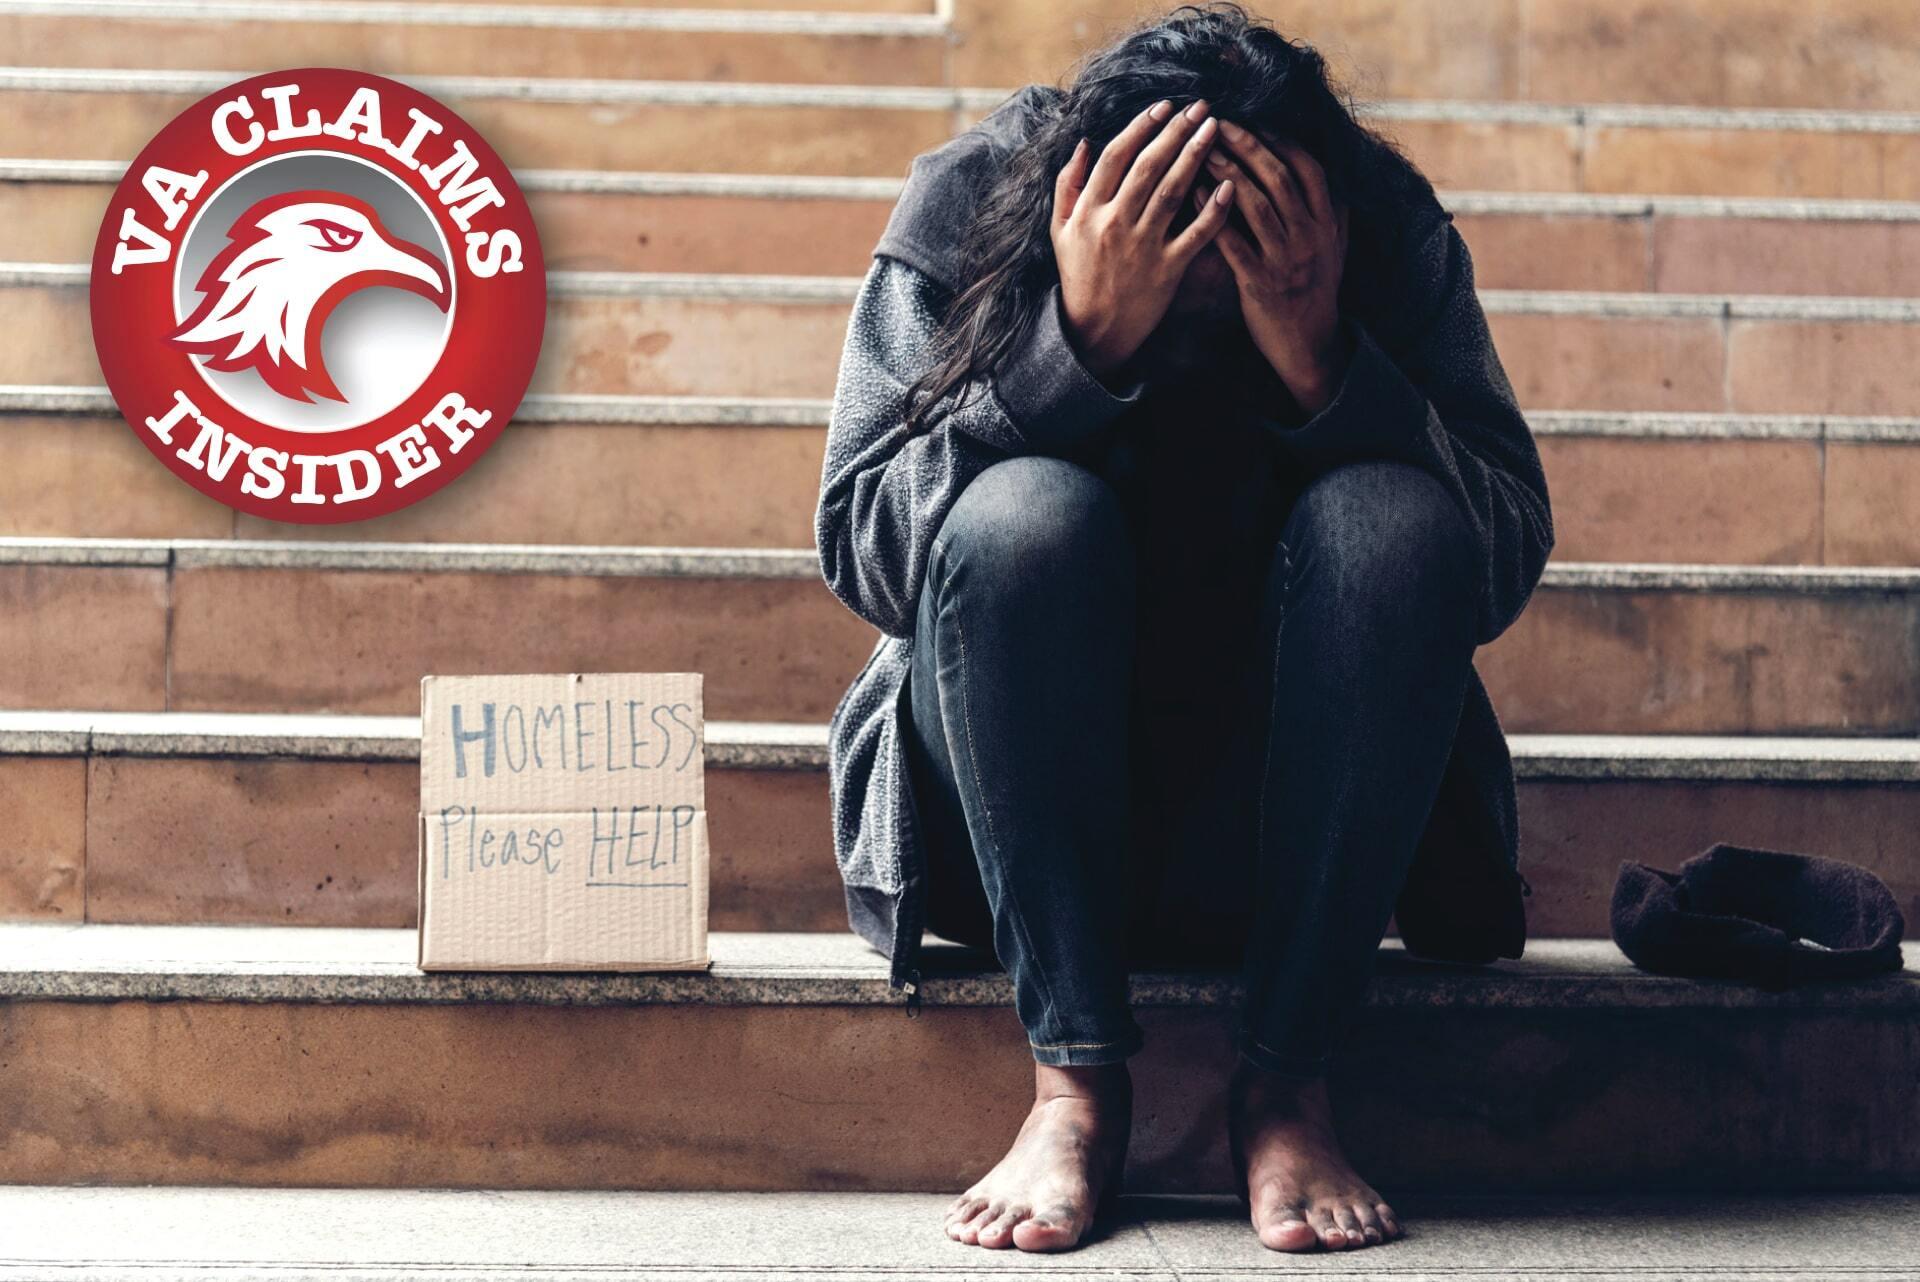 Homeless and Housing Veteran Charities